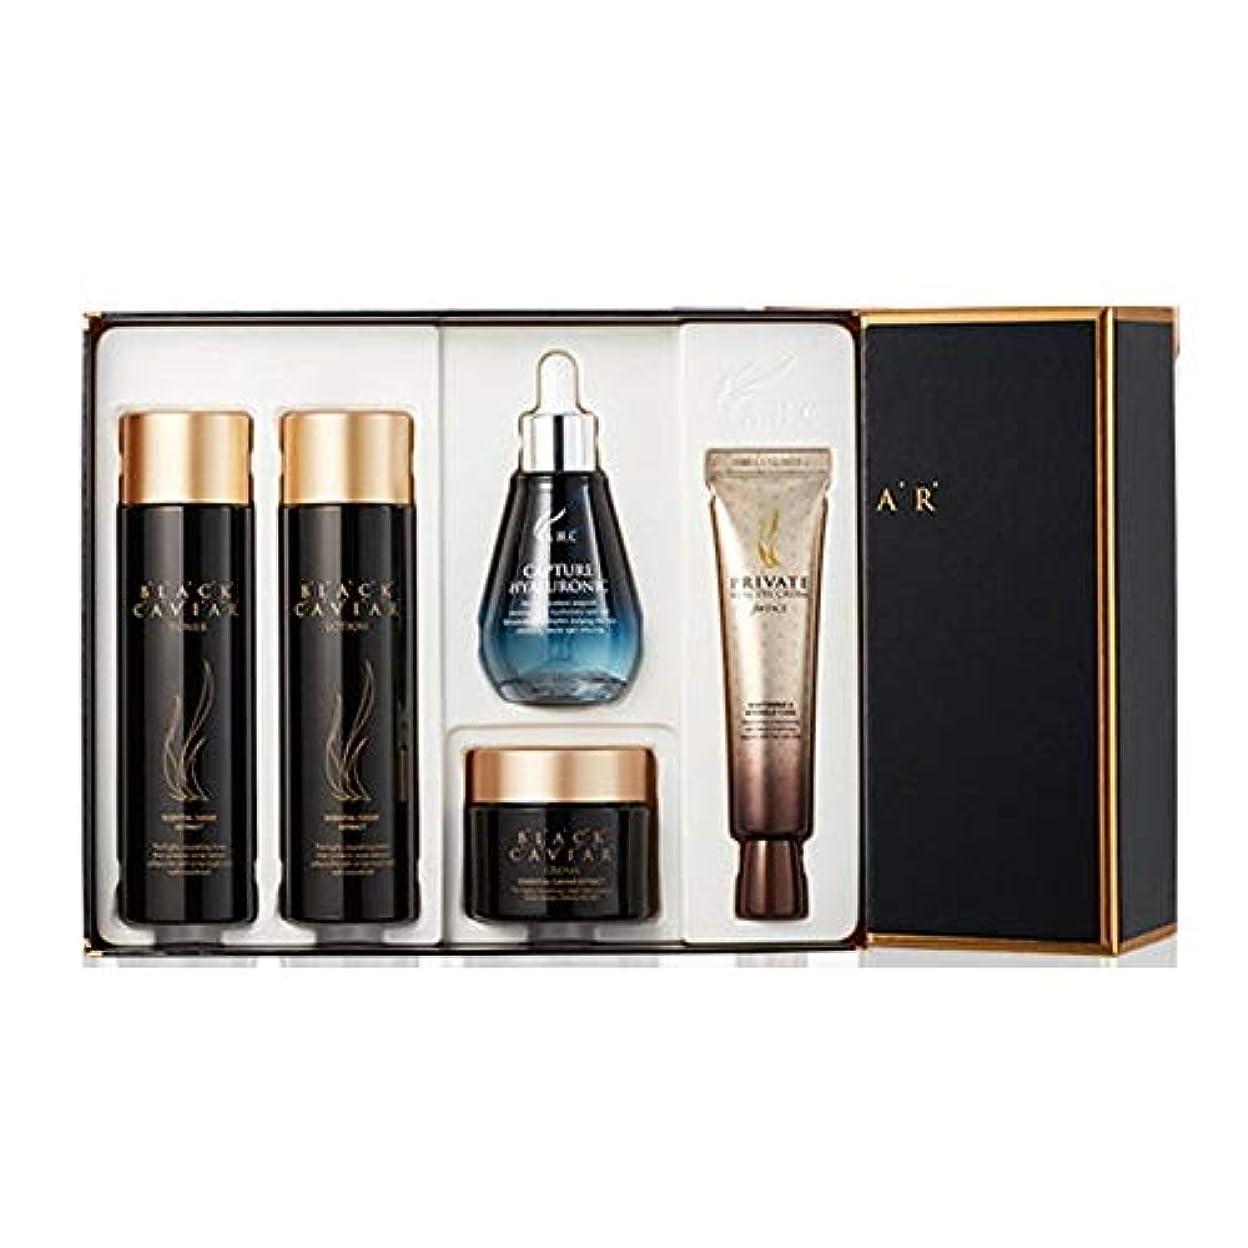 案件グリップ腐敗AHCブラックキャビアスキンケアセットトナーローションクリームアイクリームアンプル、AHC Black Caviar Skincare Set Toner Lotion Cream Eye Cream Ampoule [...